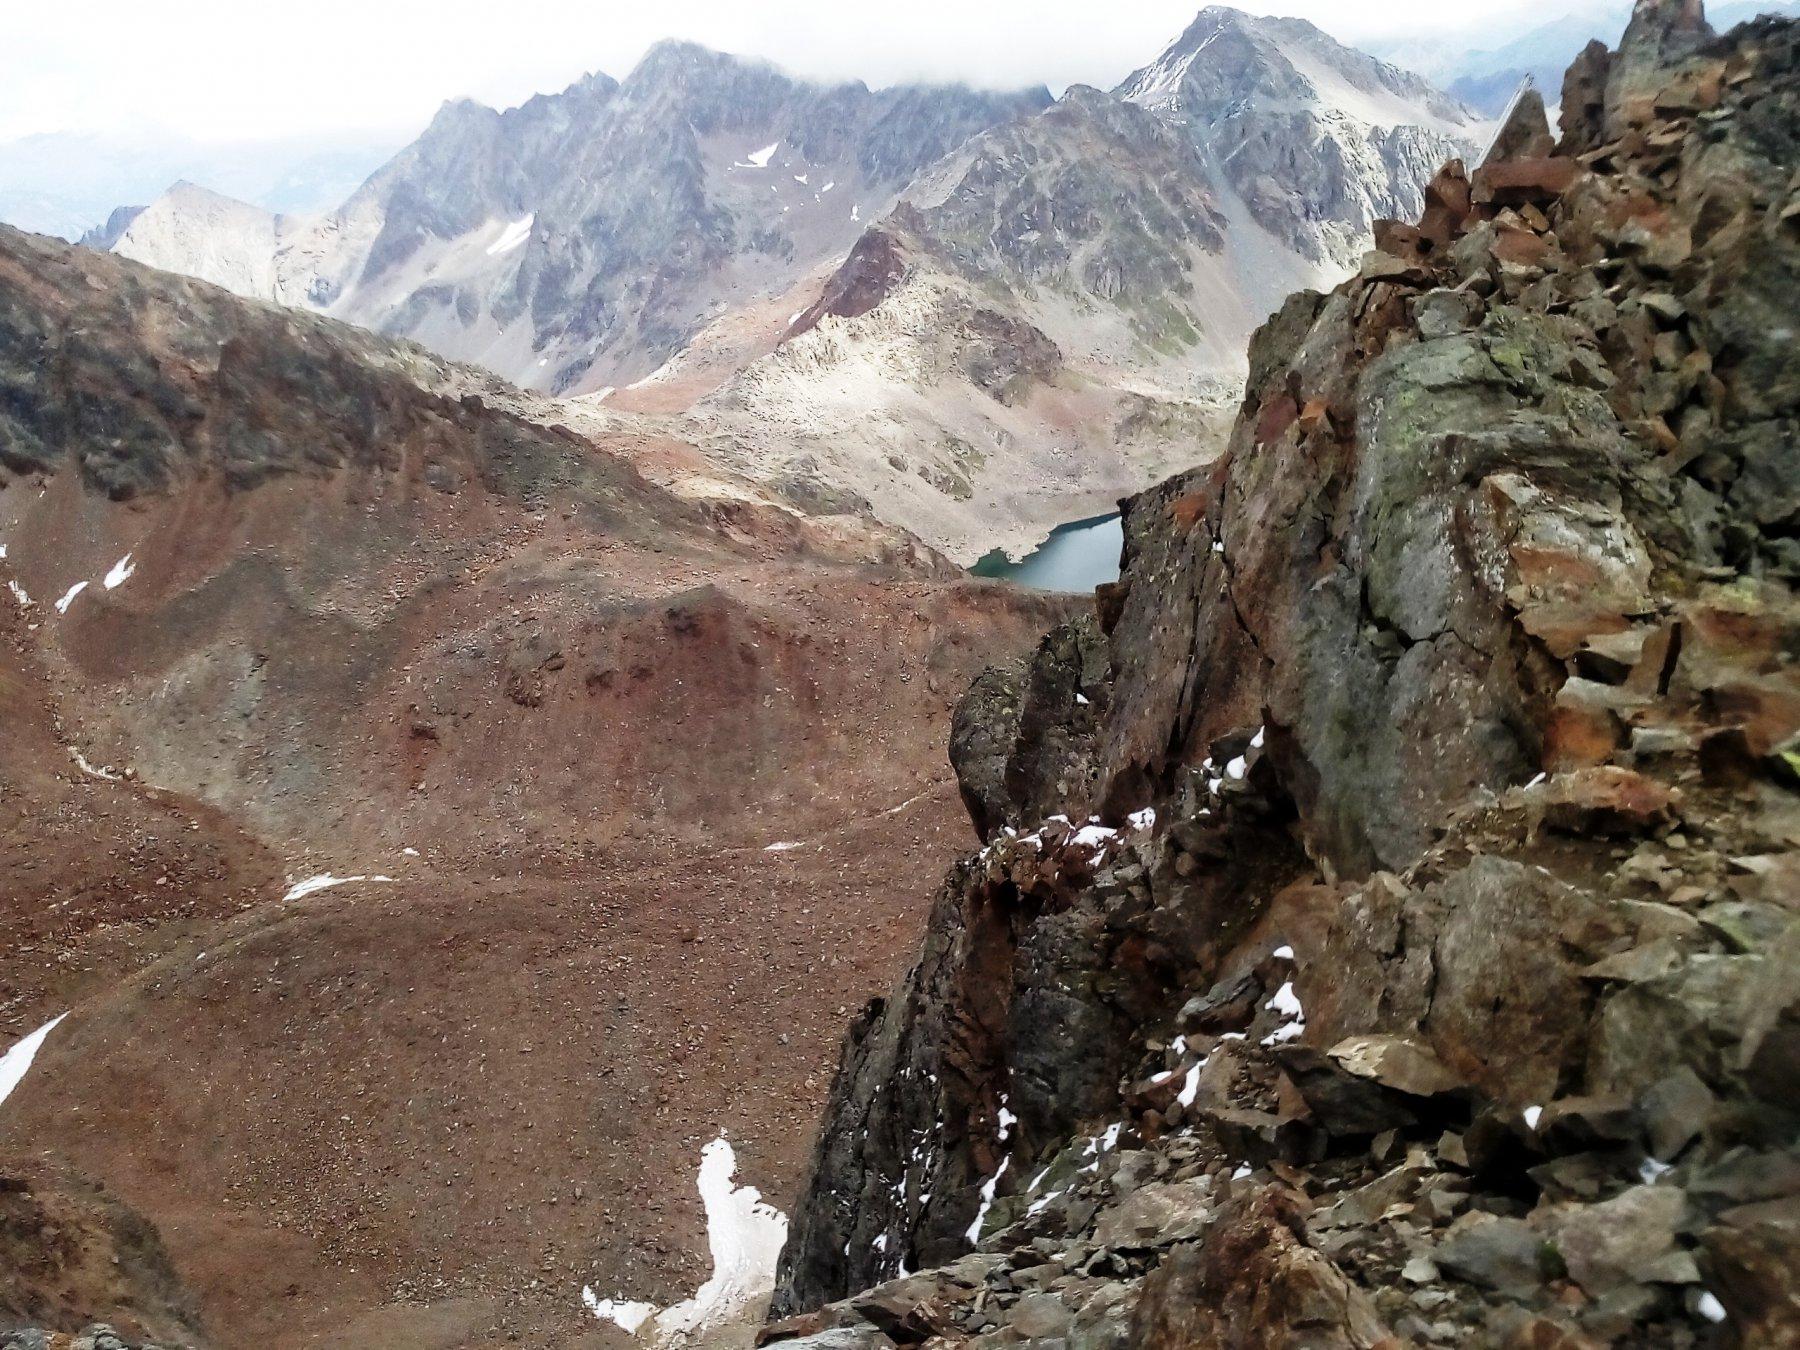 Garin (Punta) Via Normale per la Cresta SE 2017-08-13